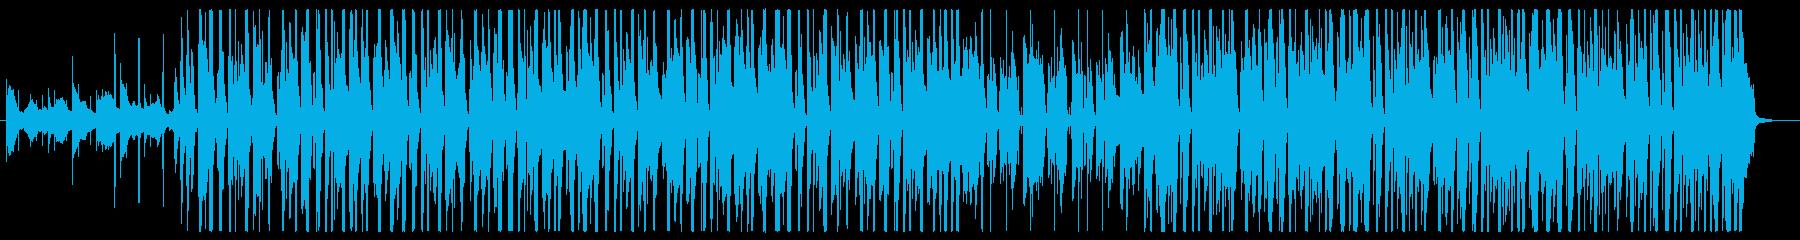 クールな印象なジャジーヒップホップの再生済みの波形